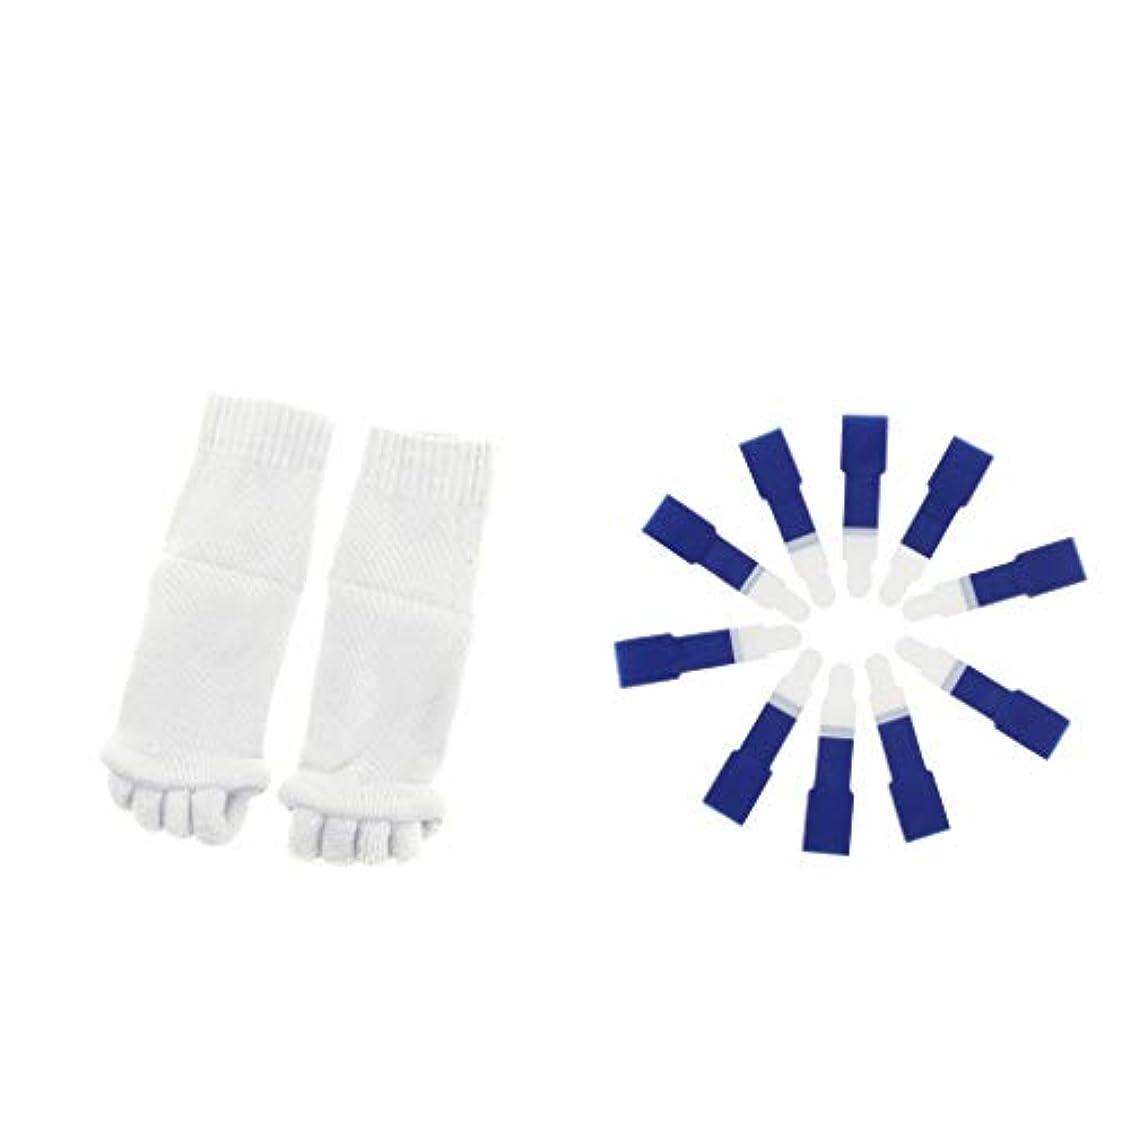 論理的に比類なき誓約dailymall ヨガジムスポーツソックスと洗えるハンマーつま先セパレータースプリント包帯